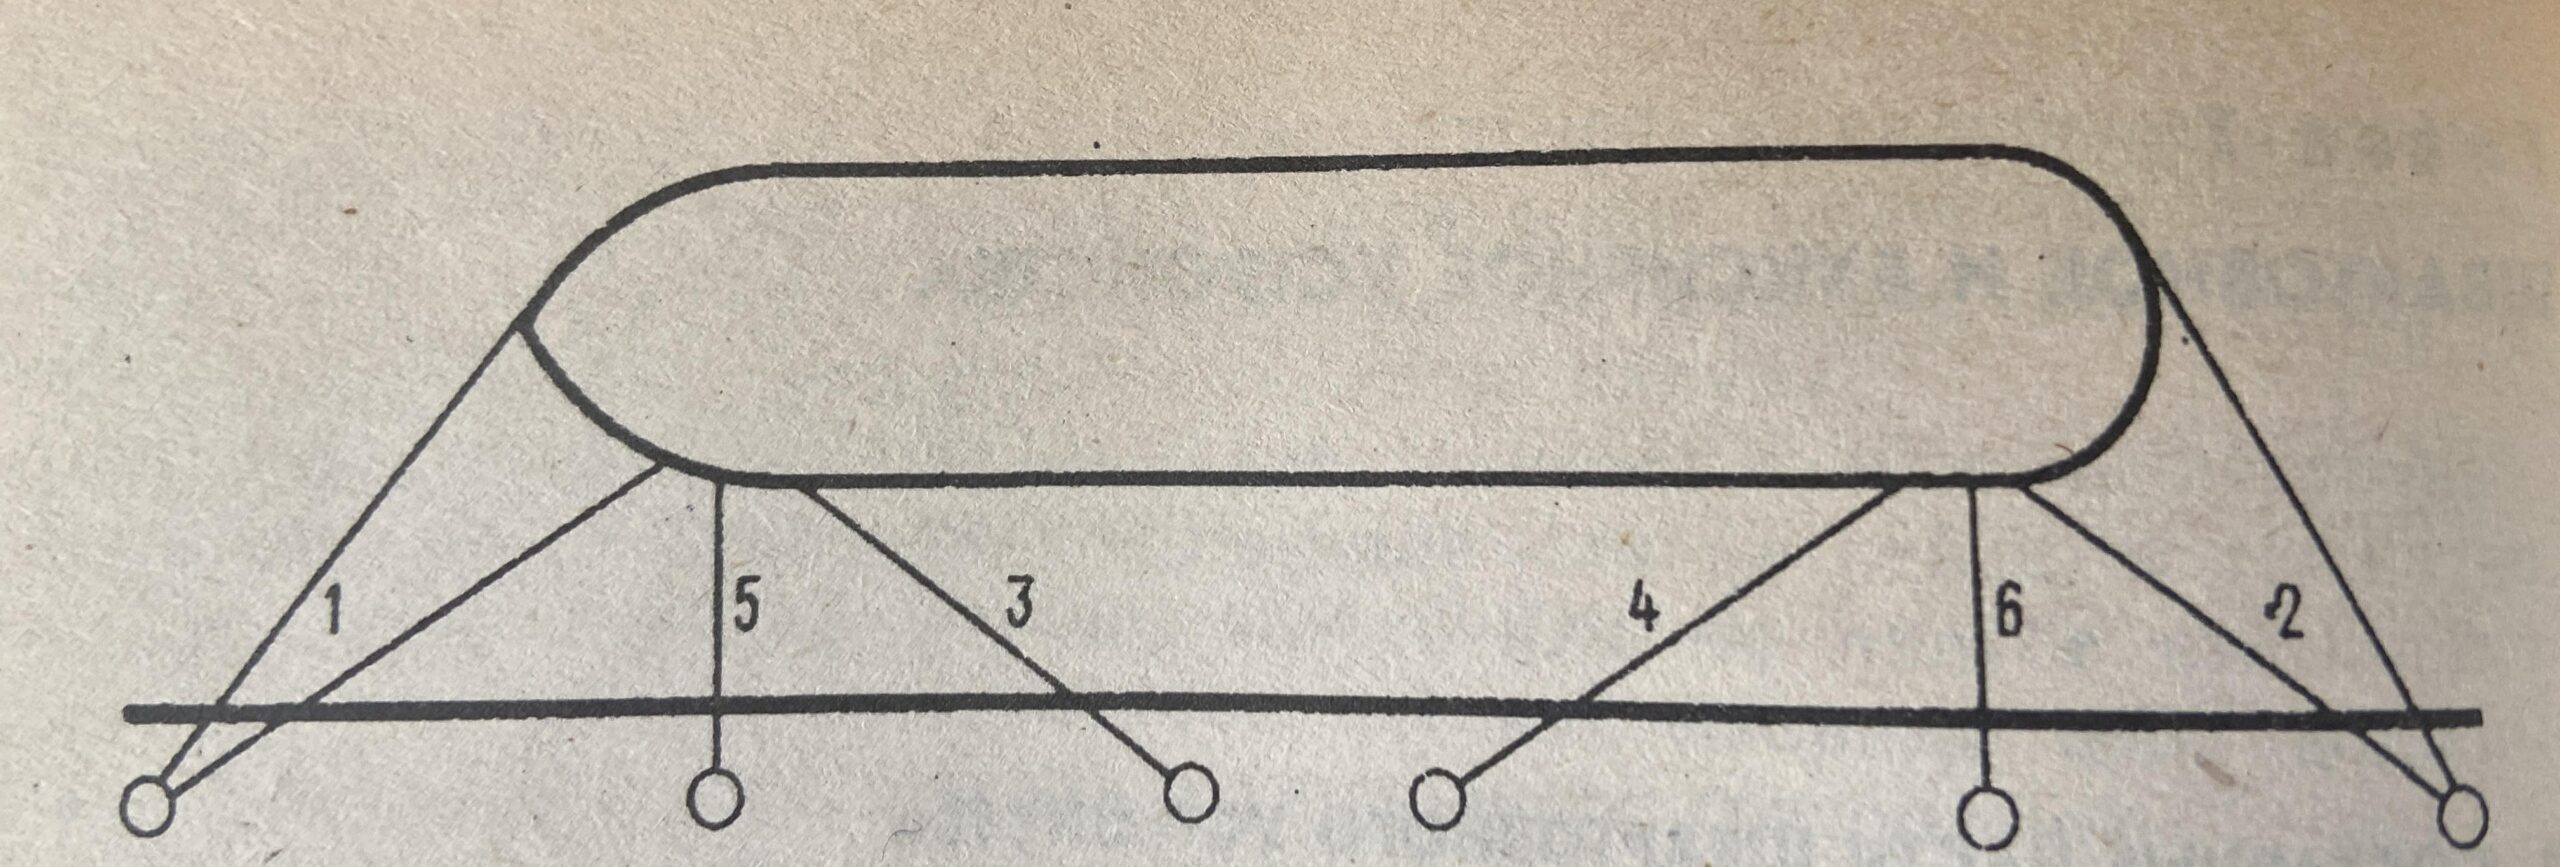 Основные швартовые тросы